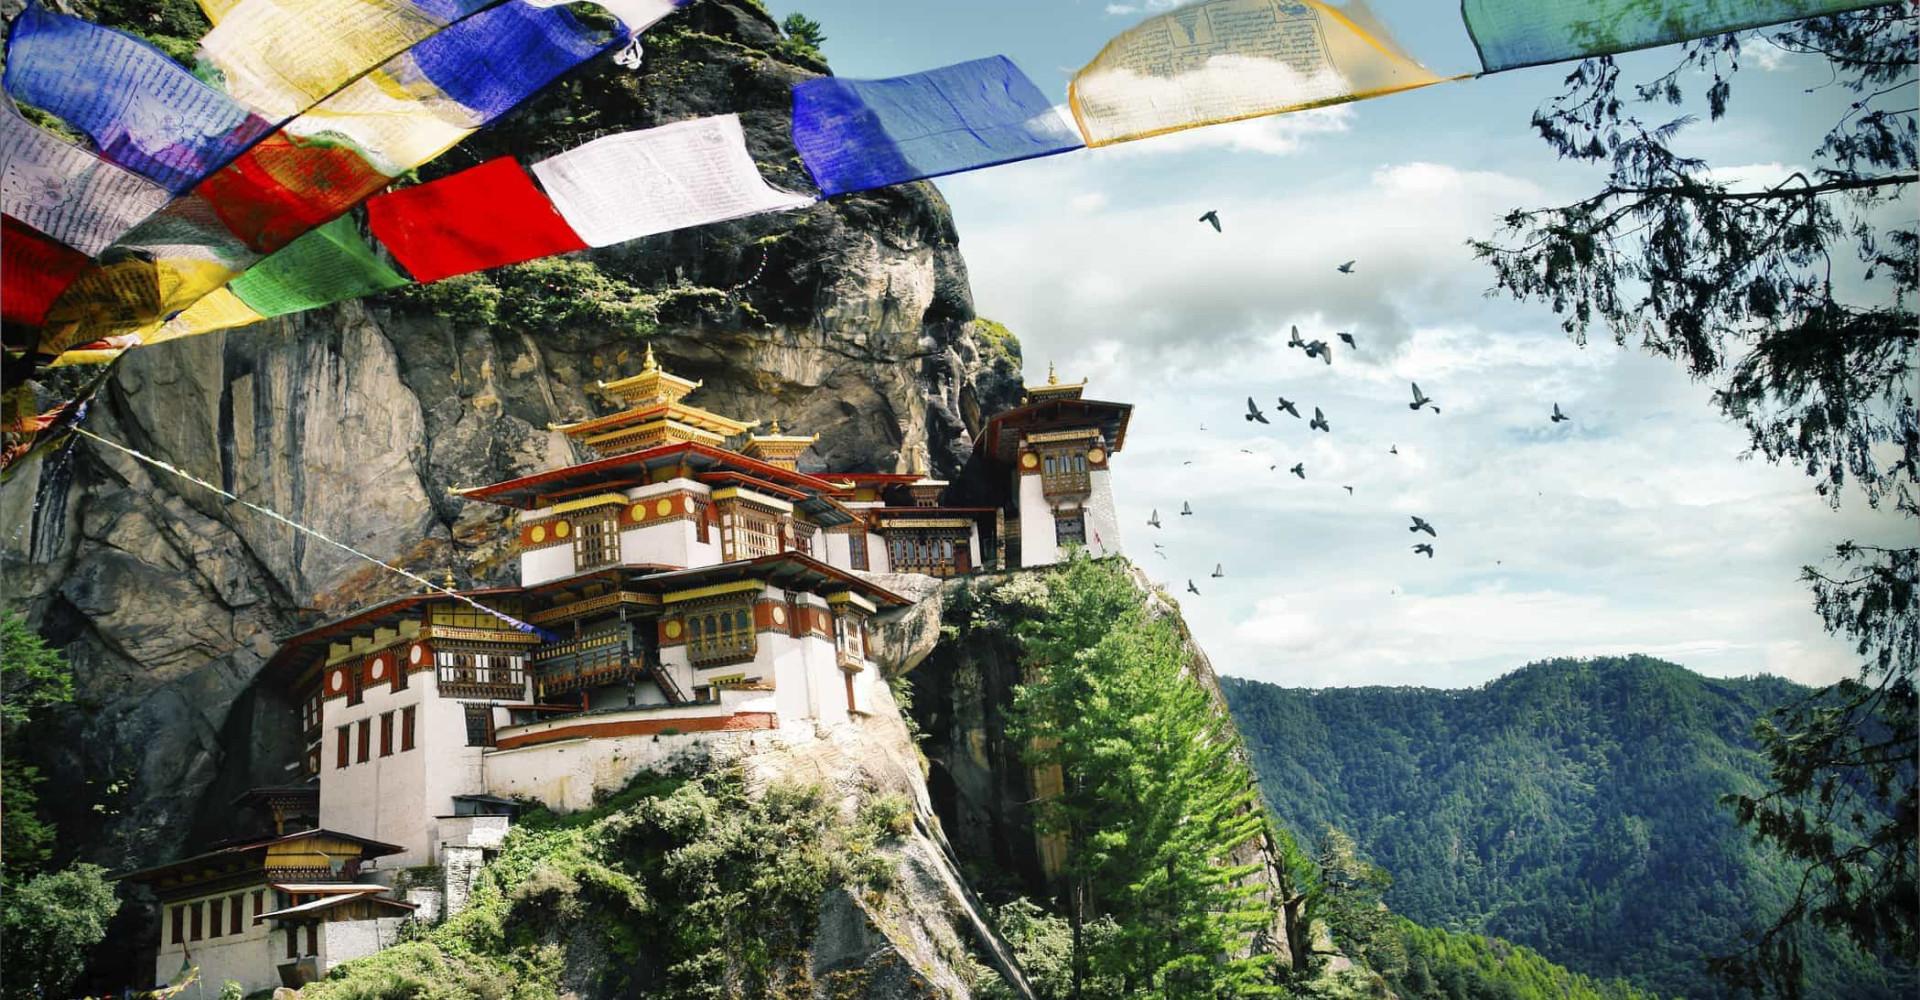 Bután, el país que cultiva marihuana y prohibe el tabaco